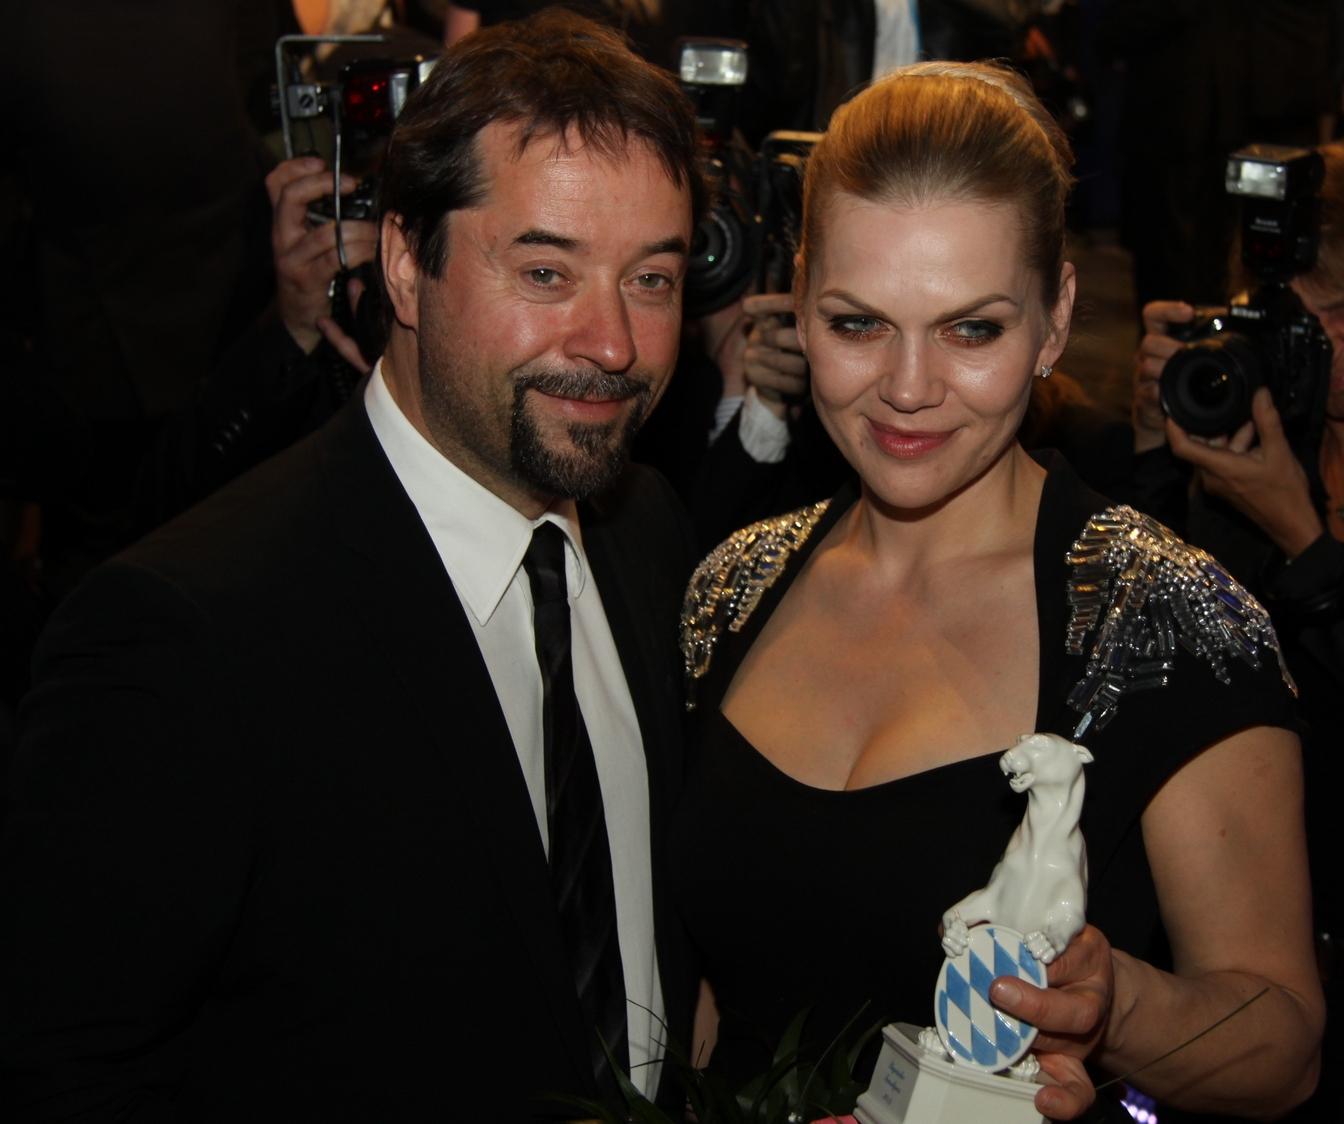 Preisträgerin 2012 Anna Loos mit Ehemann Jan Josef Liefers